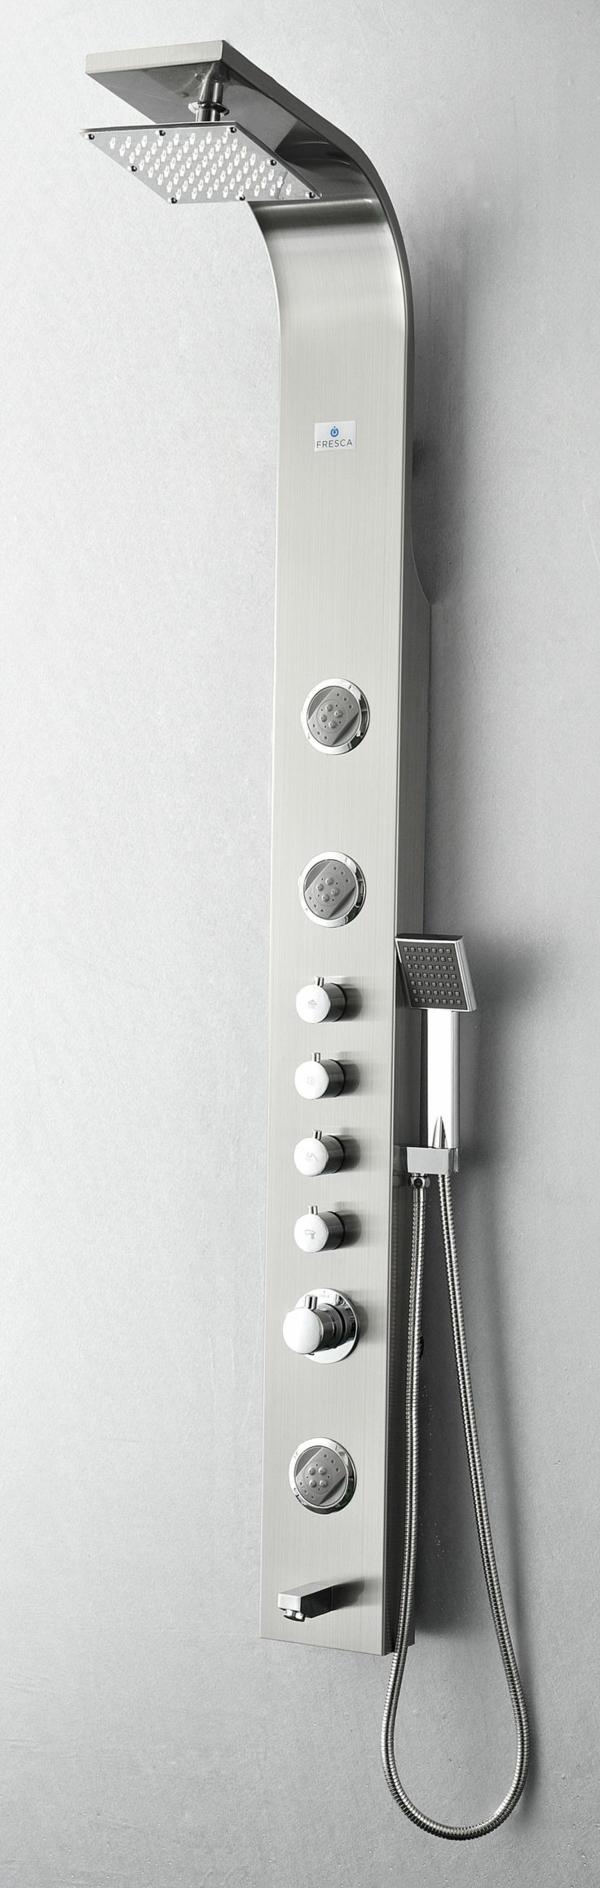 Duschpaneele Sorgen Fur Eine Moderne Badezimmergestaltung Dusche Moderne Dusche Badezimmergestaltung